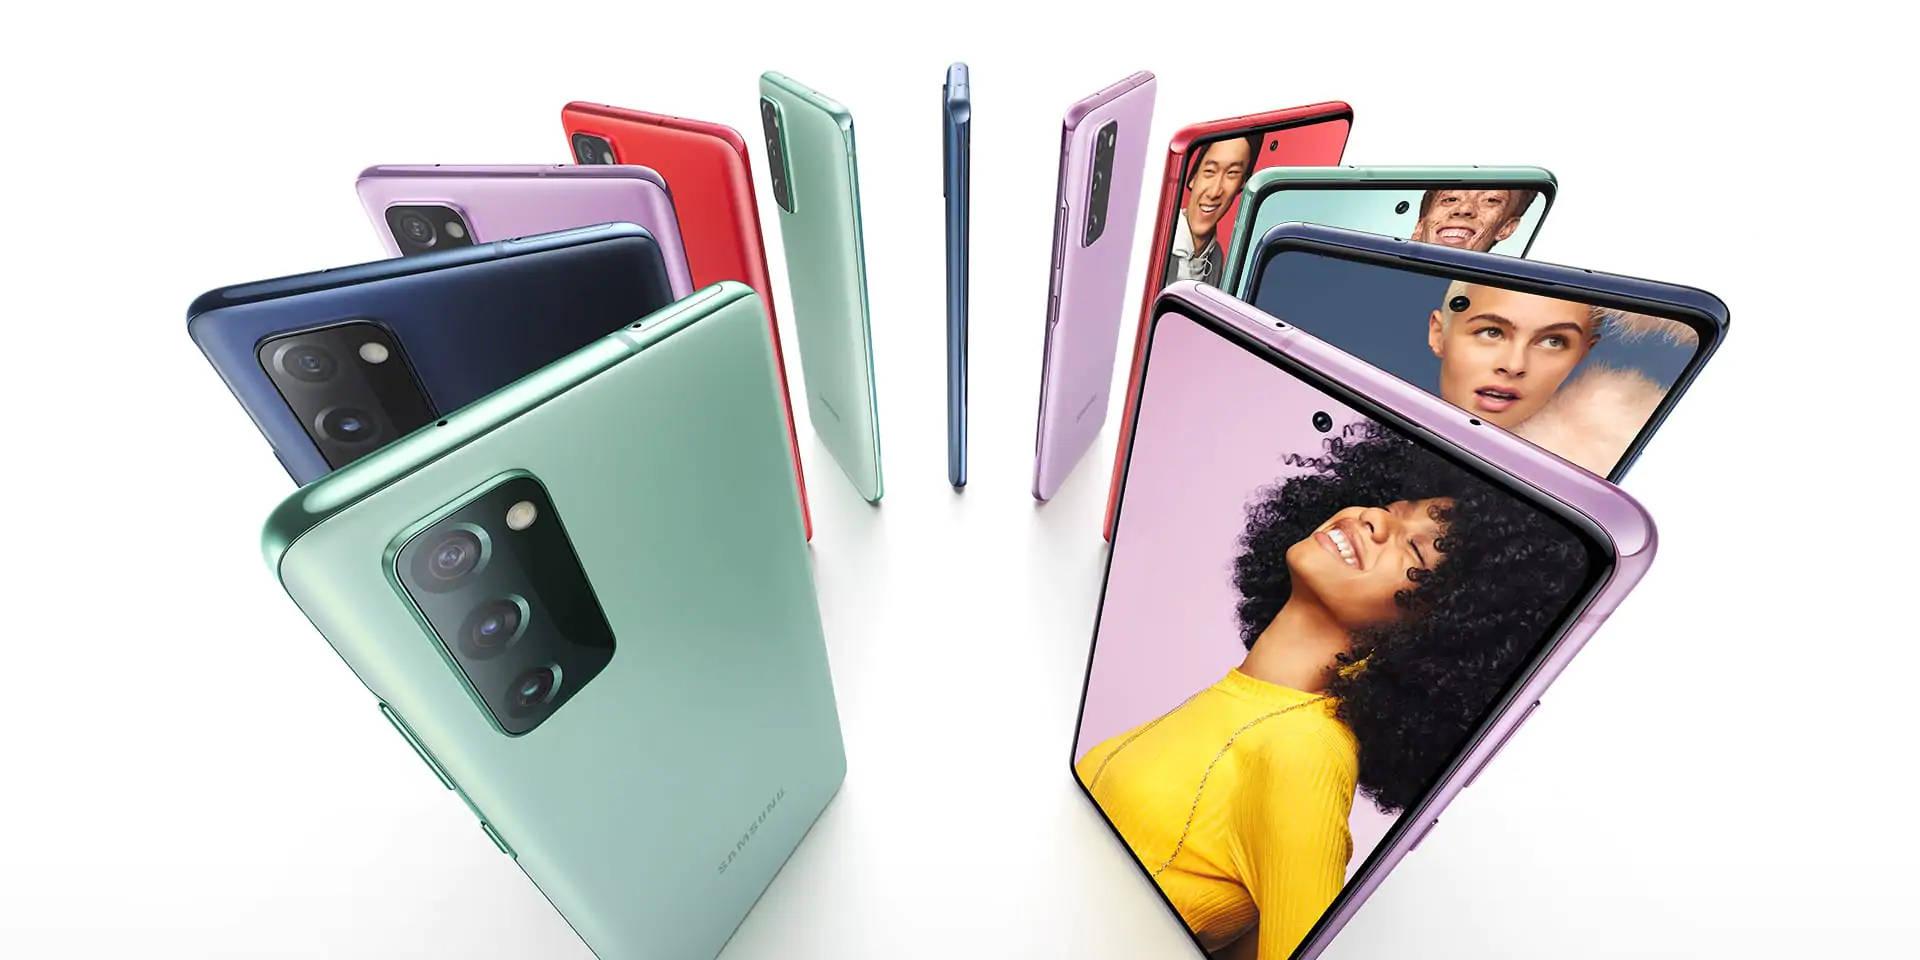 kiedy premiera Samsung Galaxy S21 FE Fan Edition kolory specyfikacja techniczna plotki przecieki wycieki